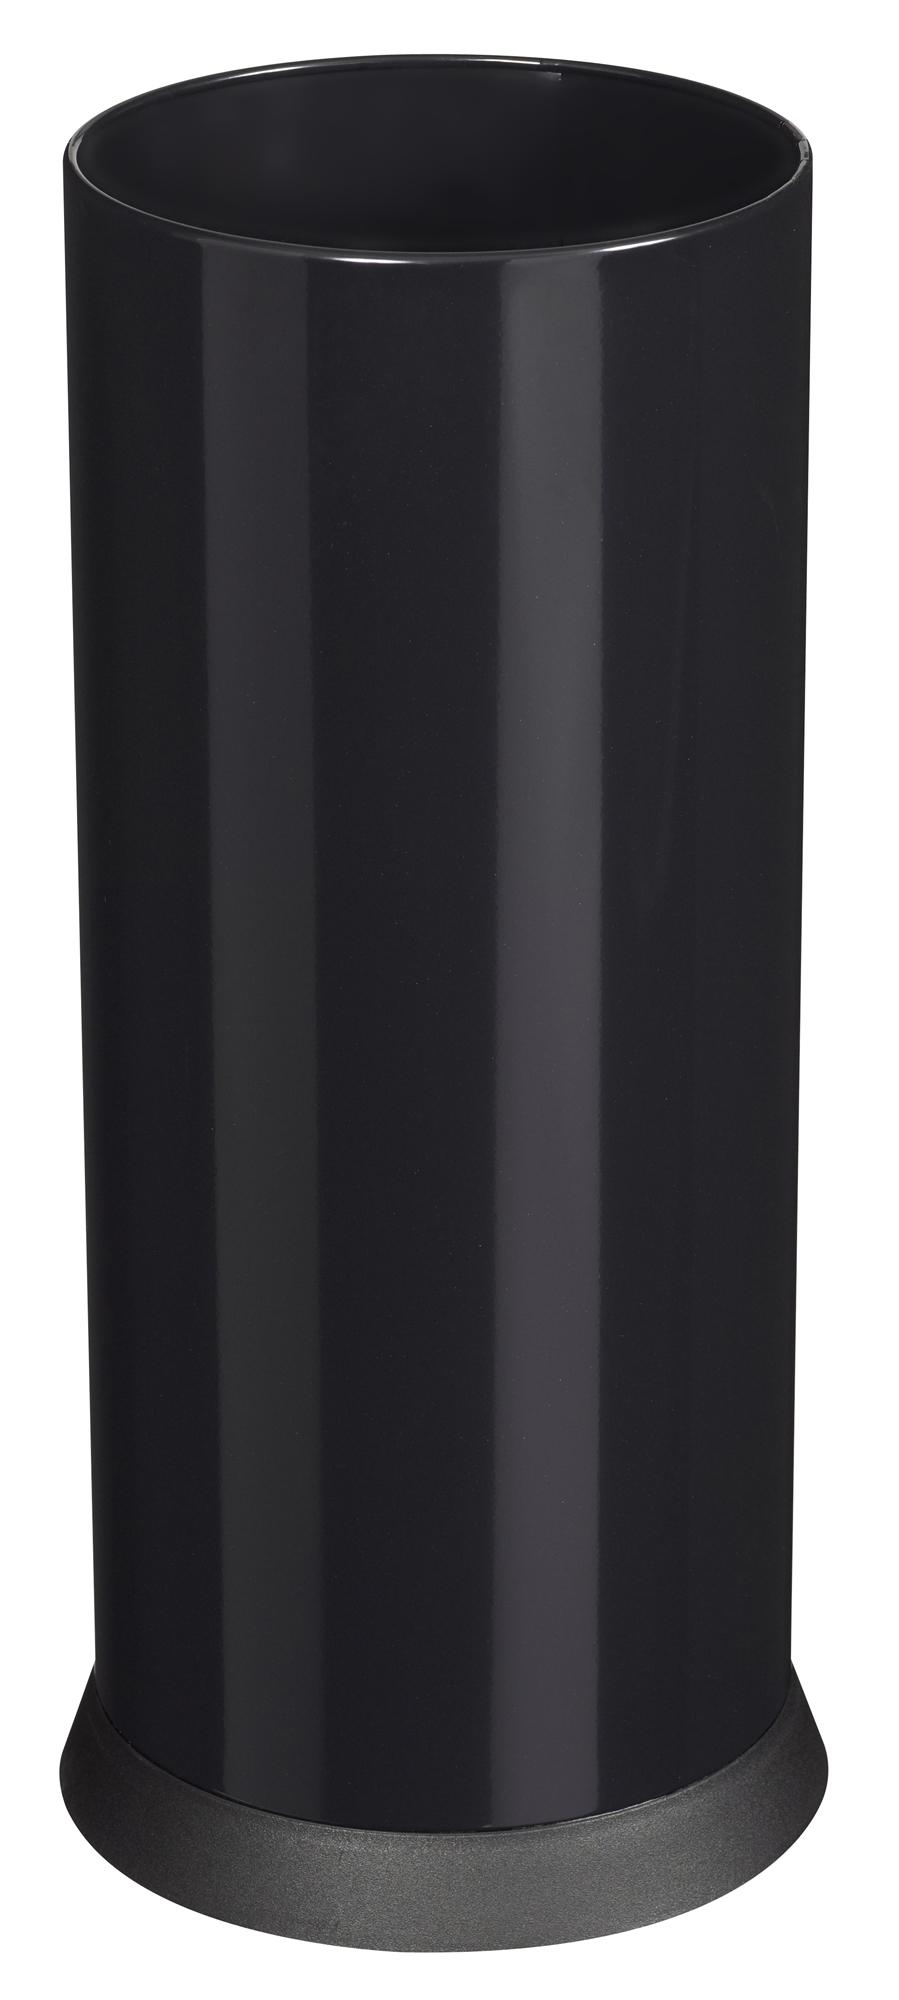 Porte parapluie rossignol kipso noir 28 l for Porte parapluie exterieur